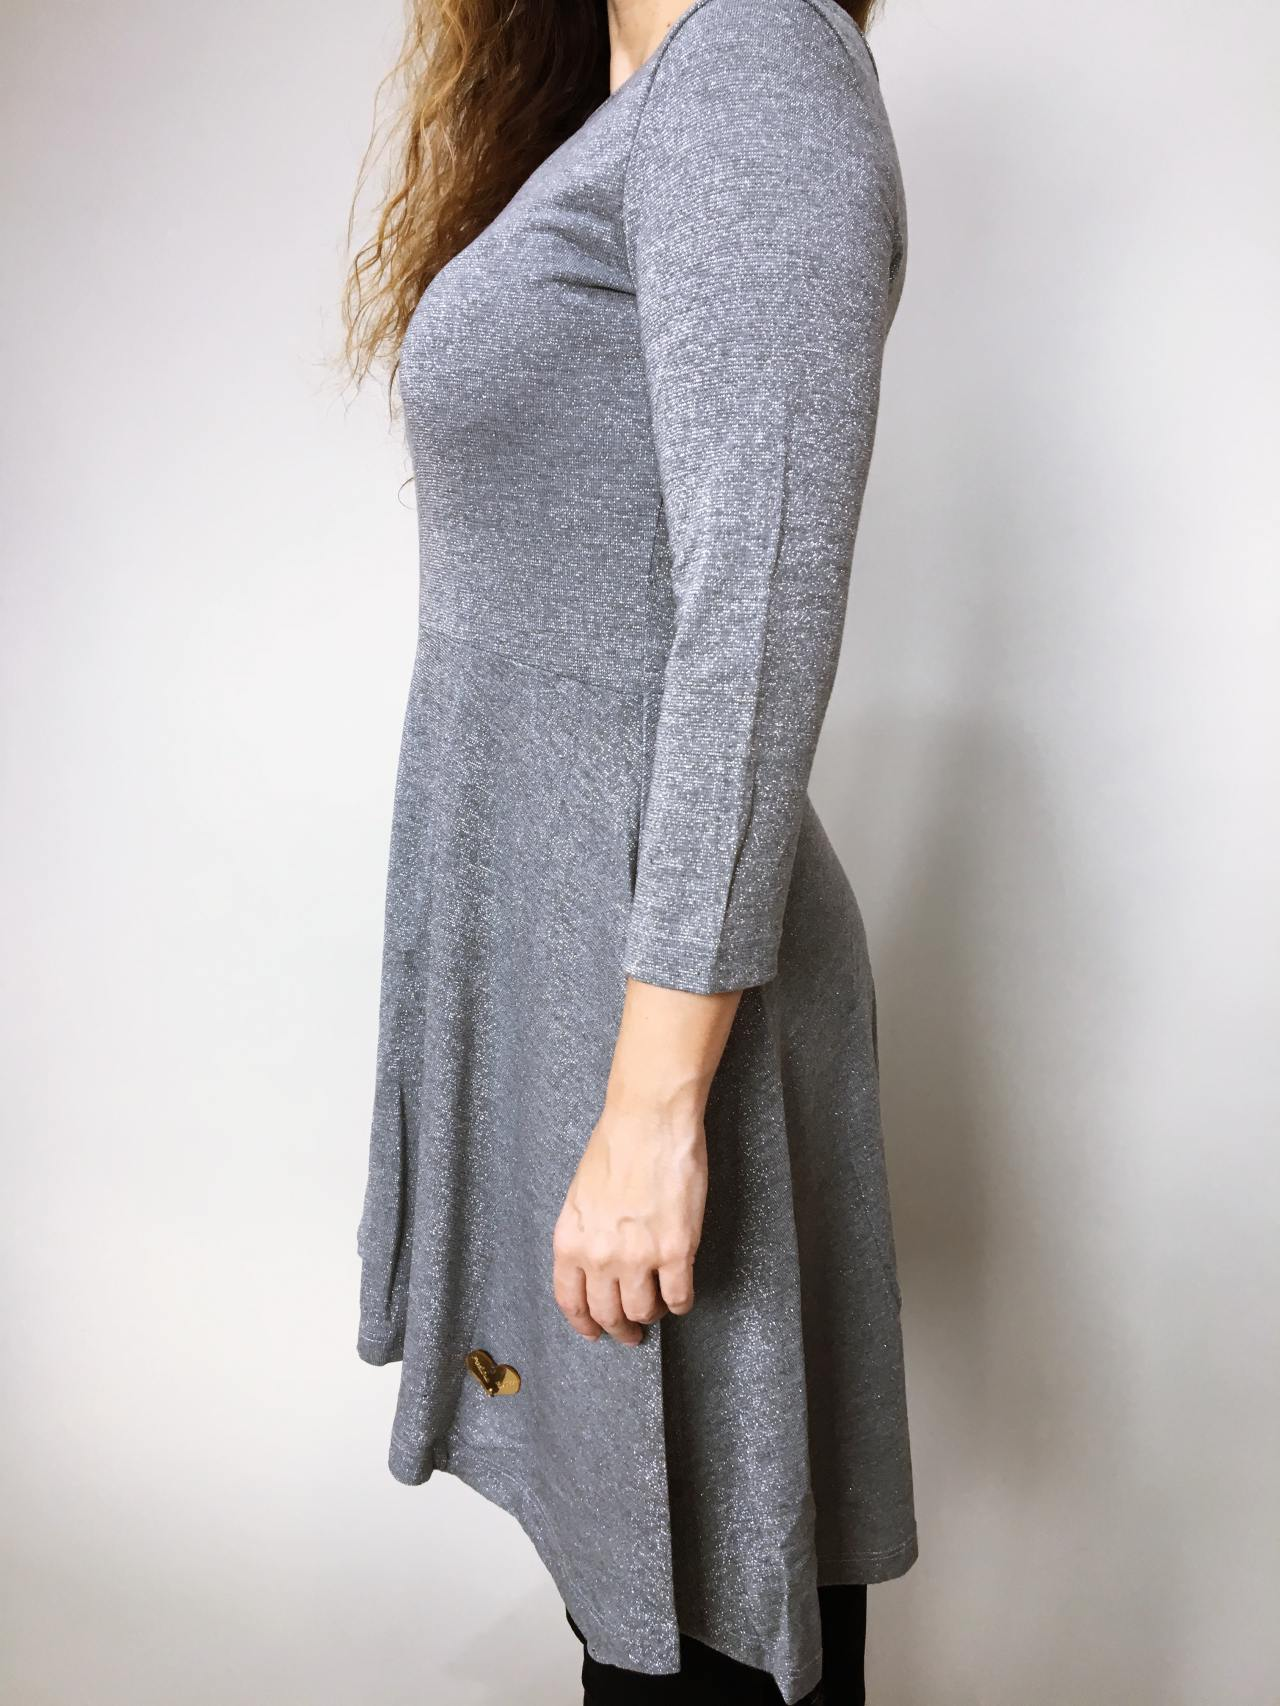 Šaty Carmen šedé 06